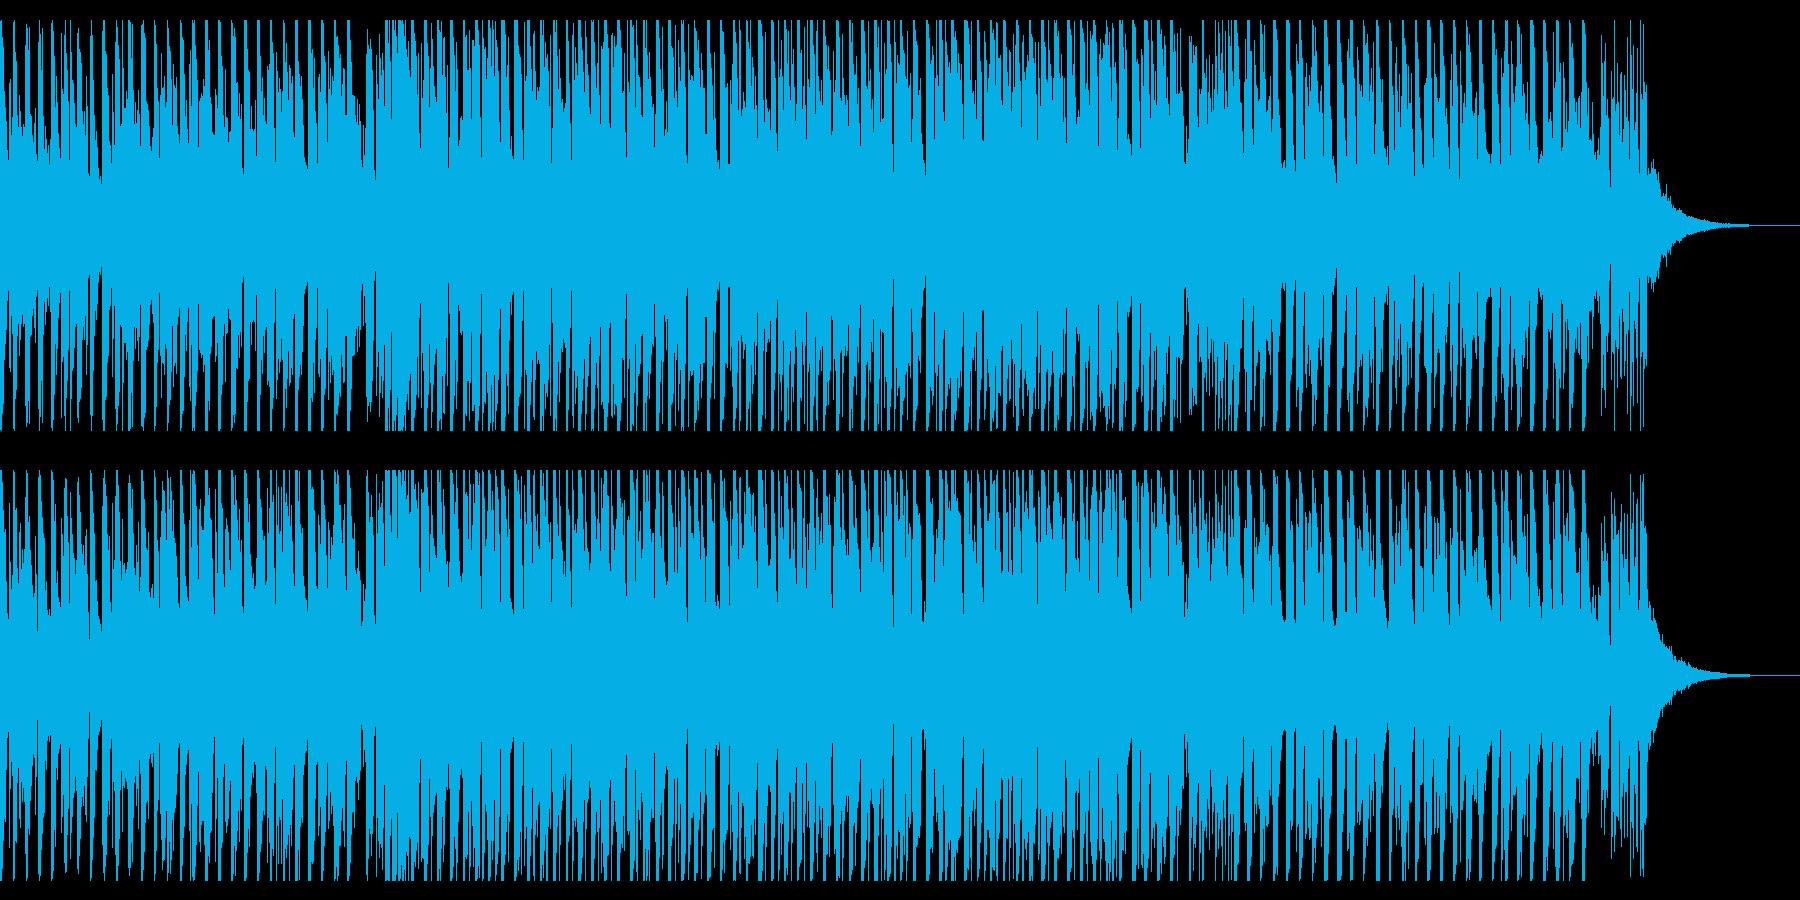 ダンスミュージック(ショート2)の再生済みの波形